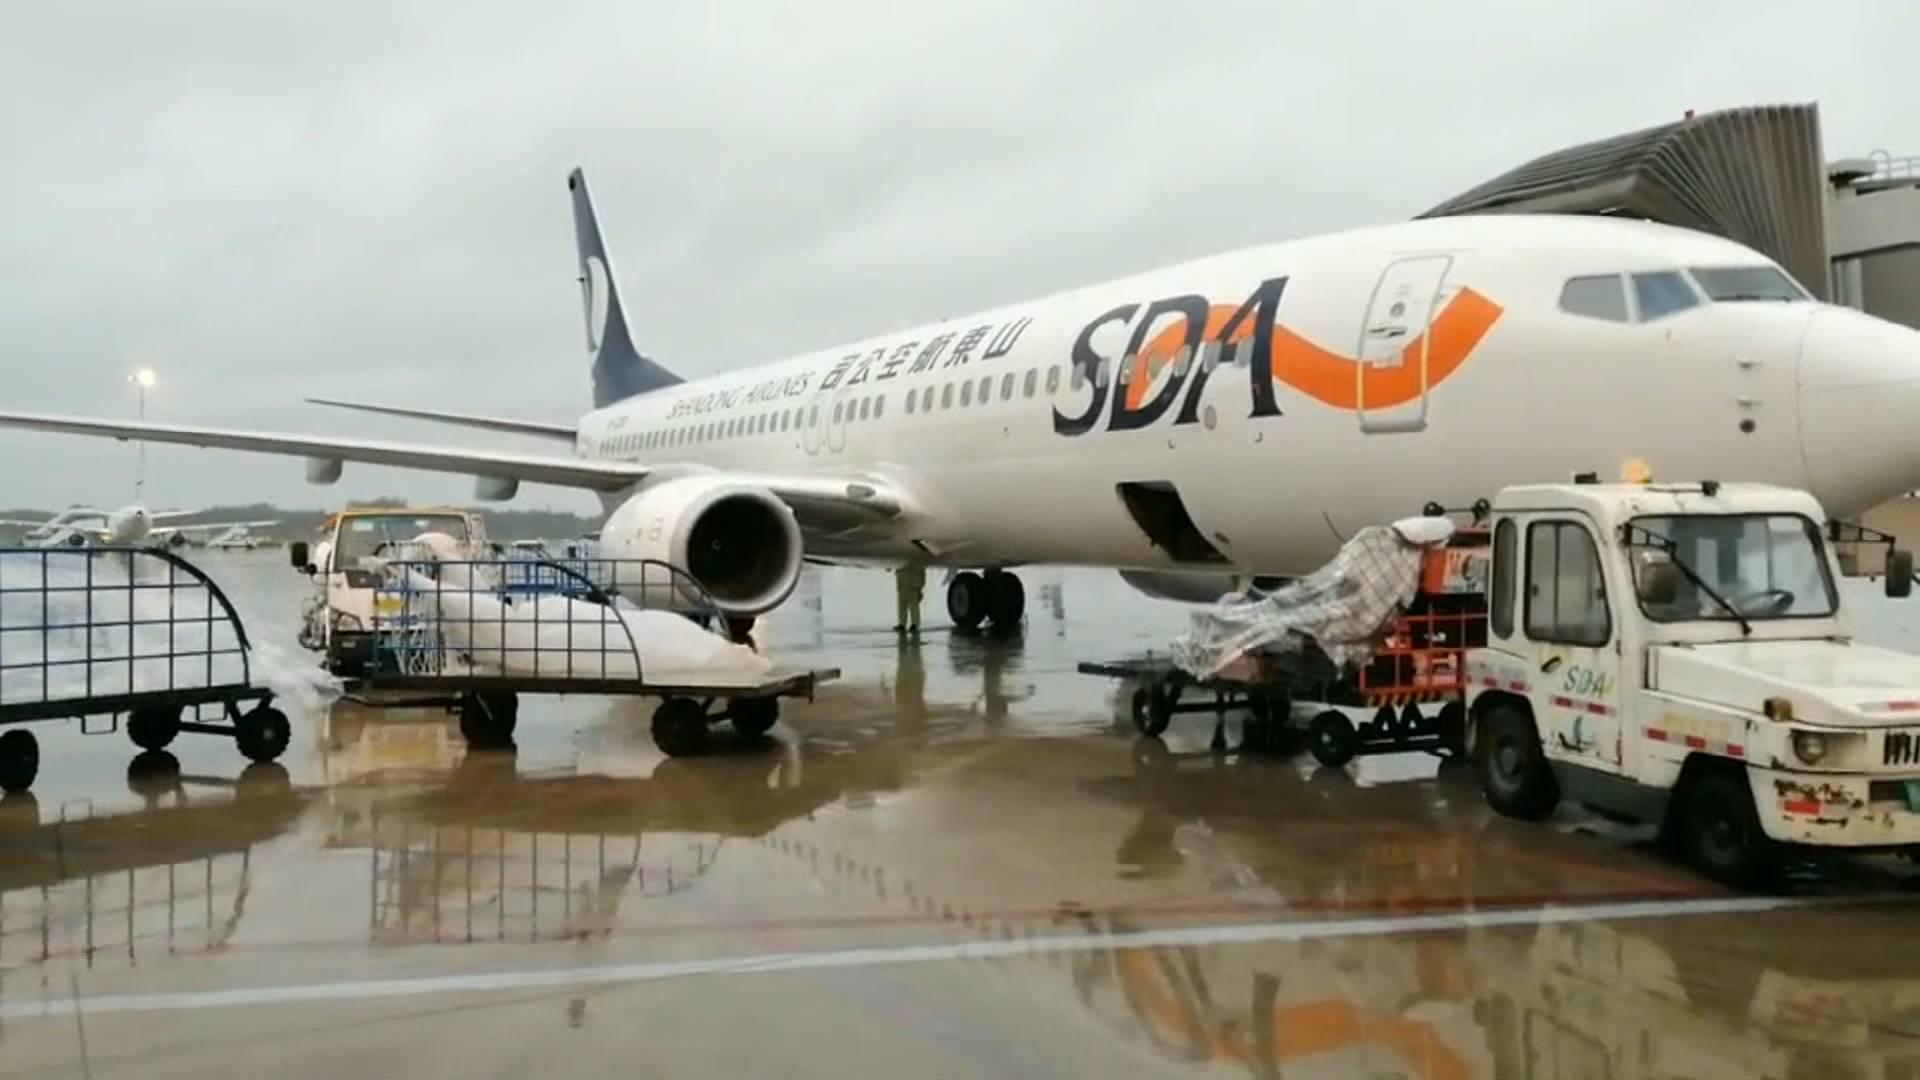 32秒|因台风山航12日取消22个航班 主要为山东往返东北方向